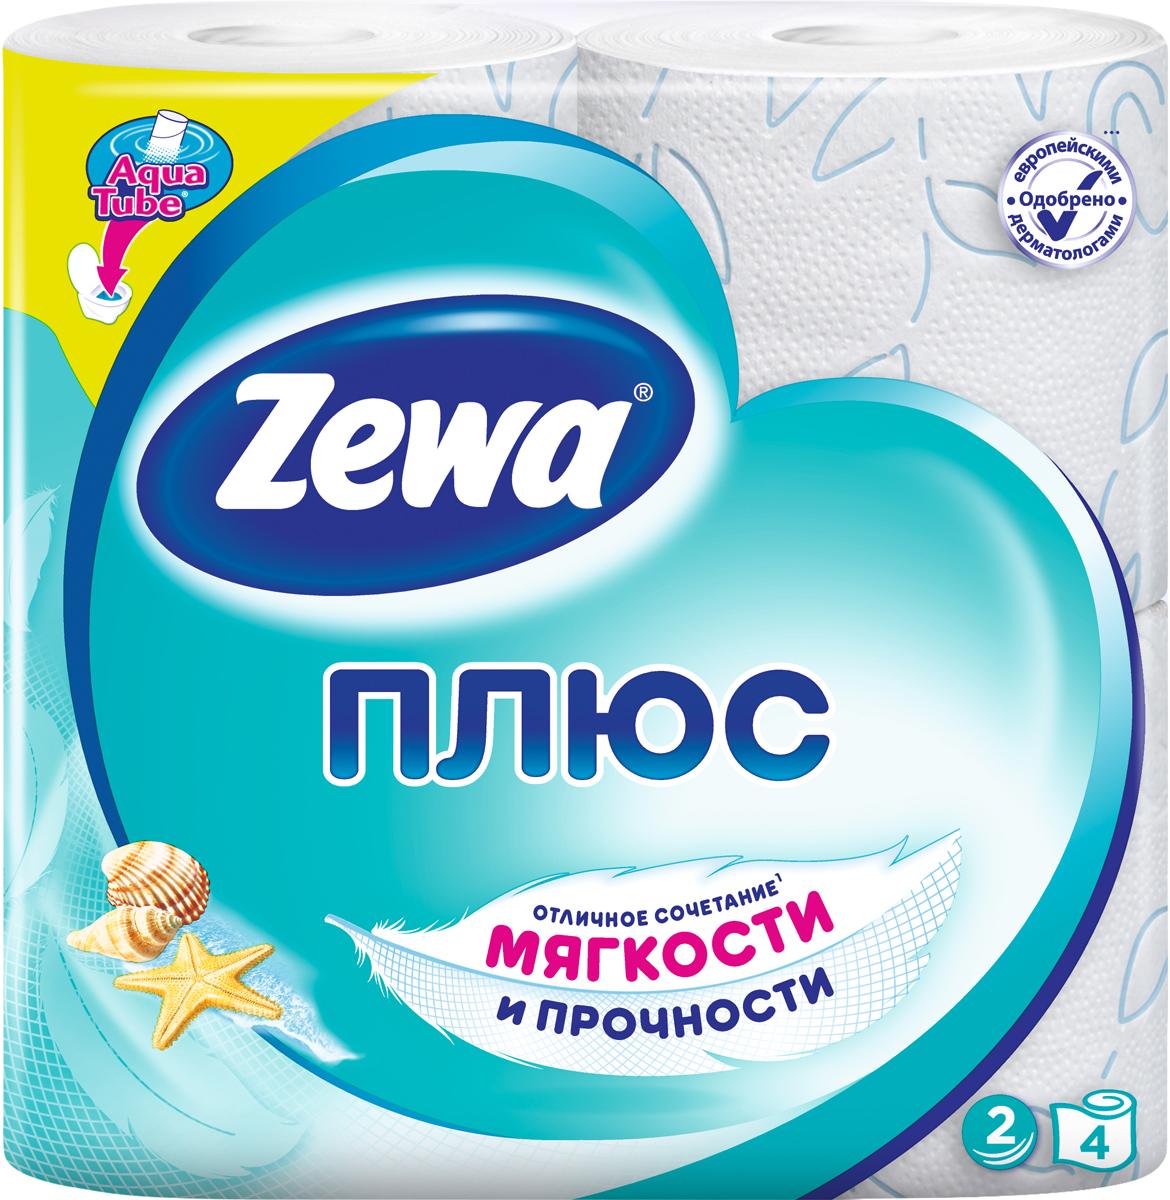 Бумага туалетная Zewa Плюс. Свежесть океана, 2 слоя, 4 рулона туалетная бумага с анекдотами